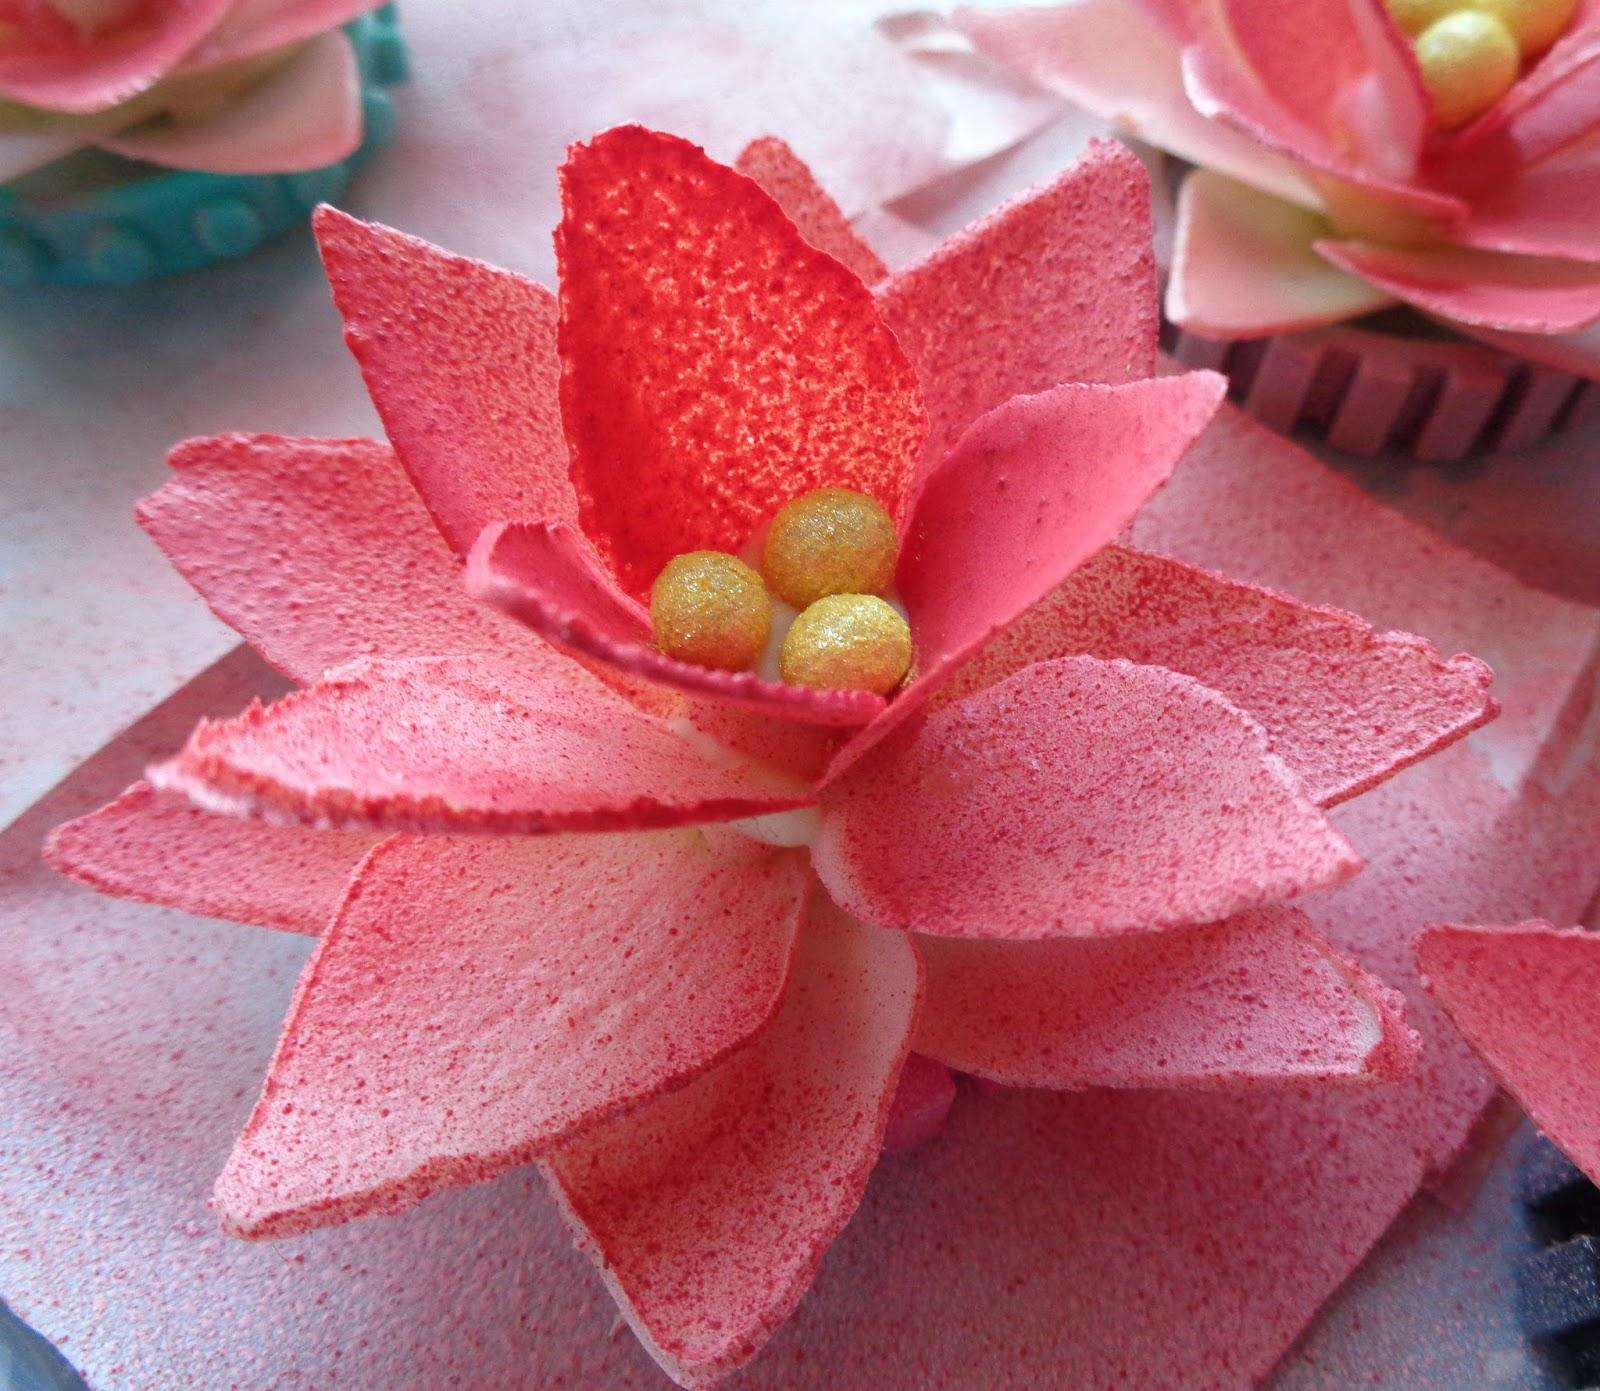 minicuisine test pour fleur de n nuphar en chocolat. Black Bedroom Furniture Sets. Home Design Ideas